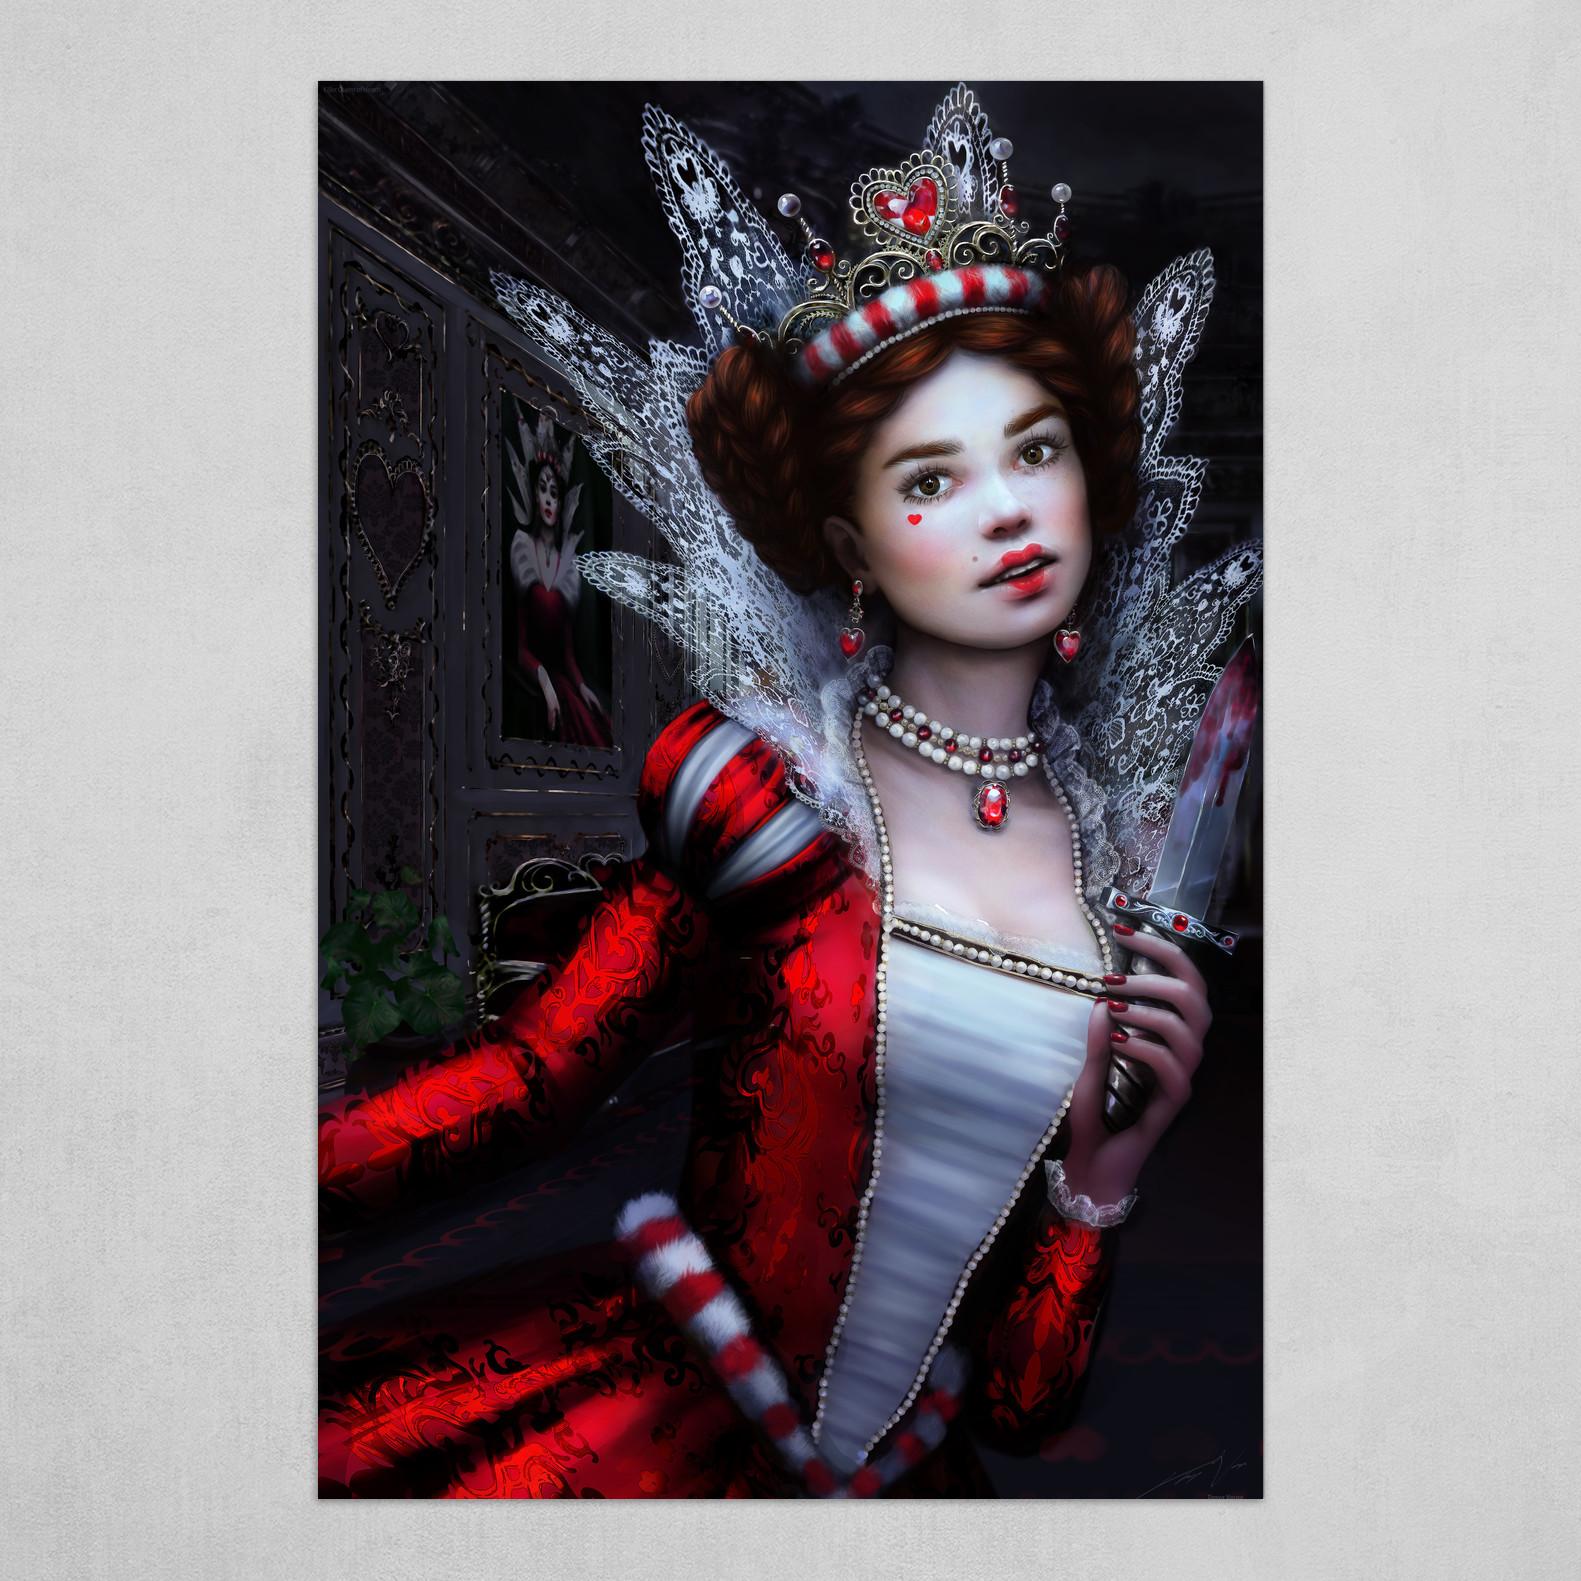 Killer Queen of Hearts